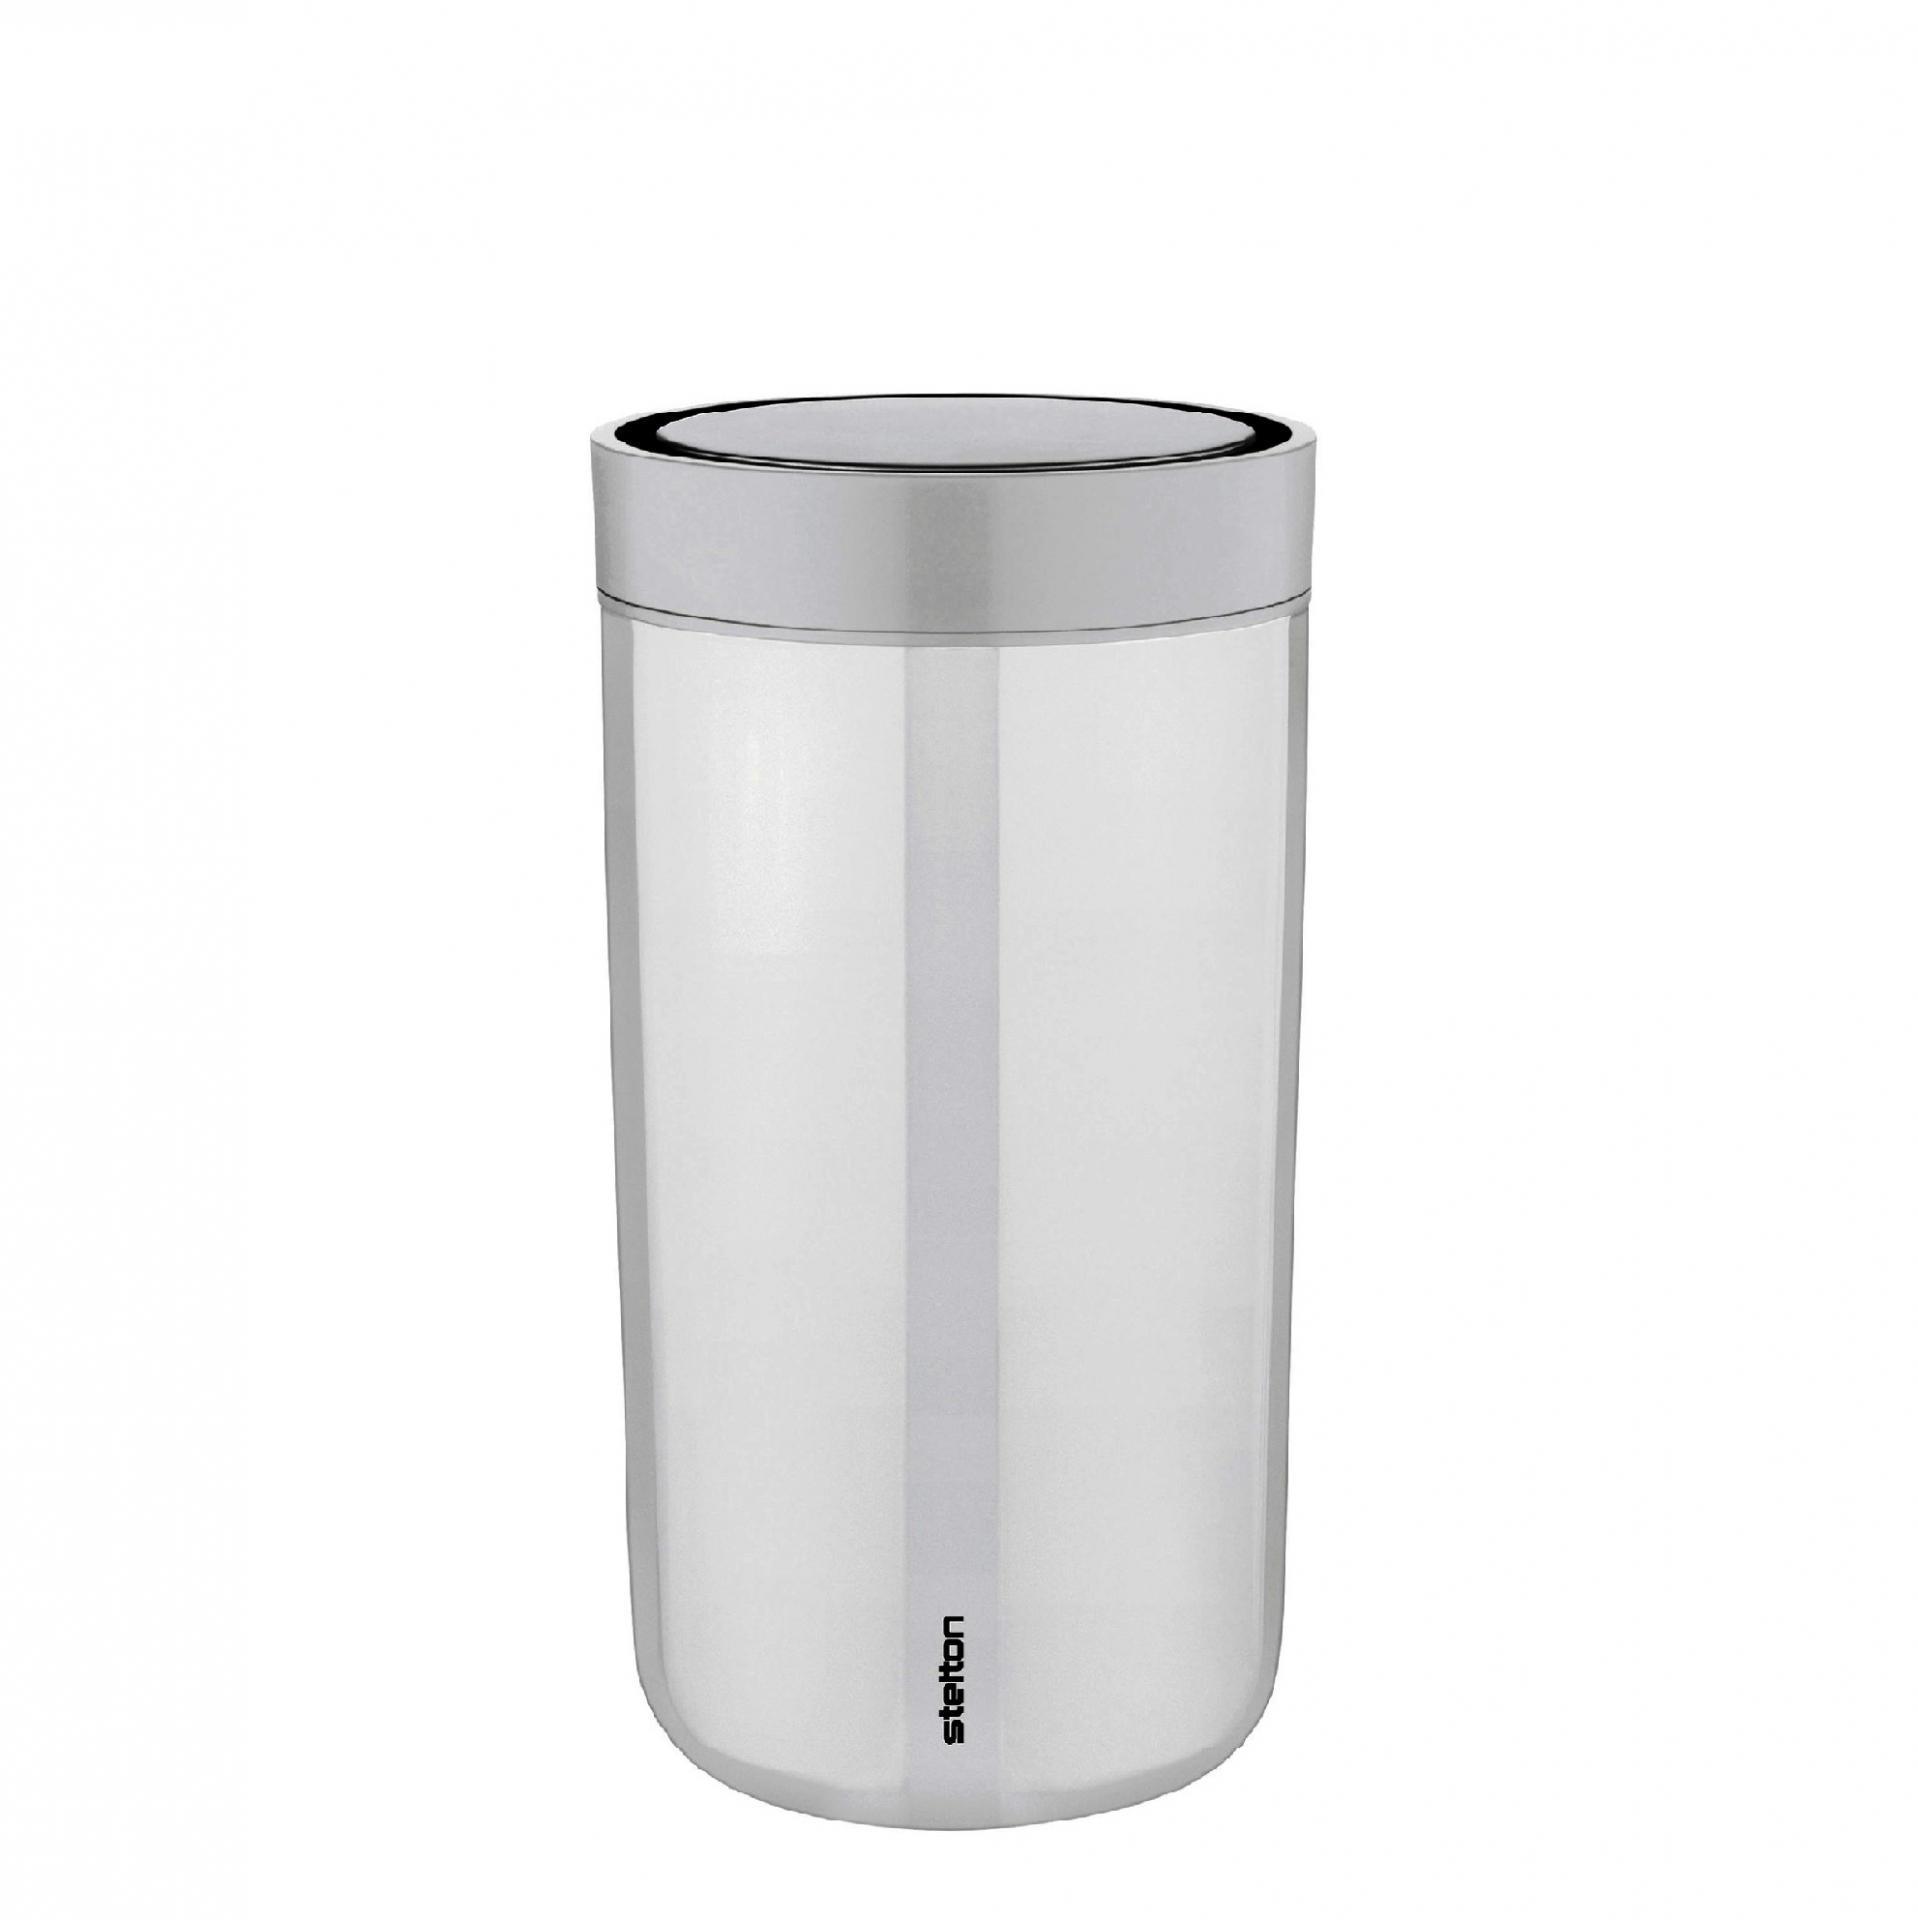 Stelton Cestovní hrnek To Go Click Chalk 200 ml, šedá barva, plast